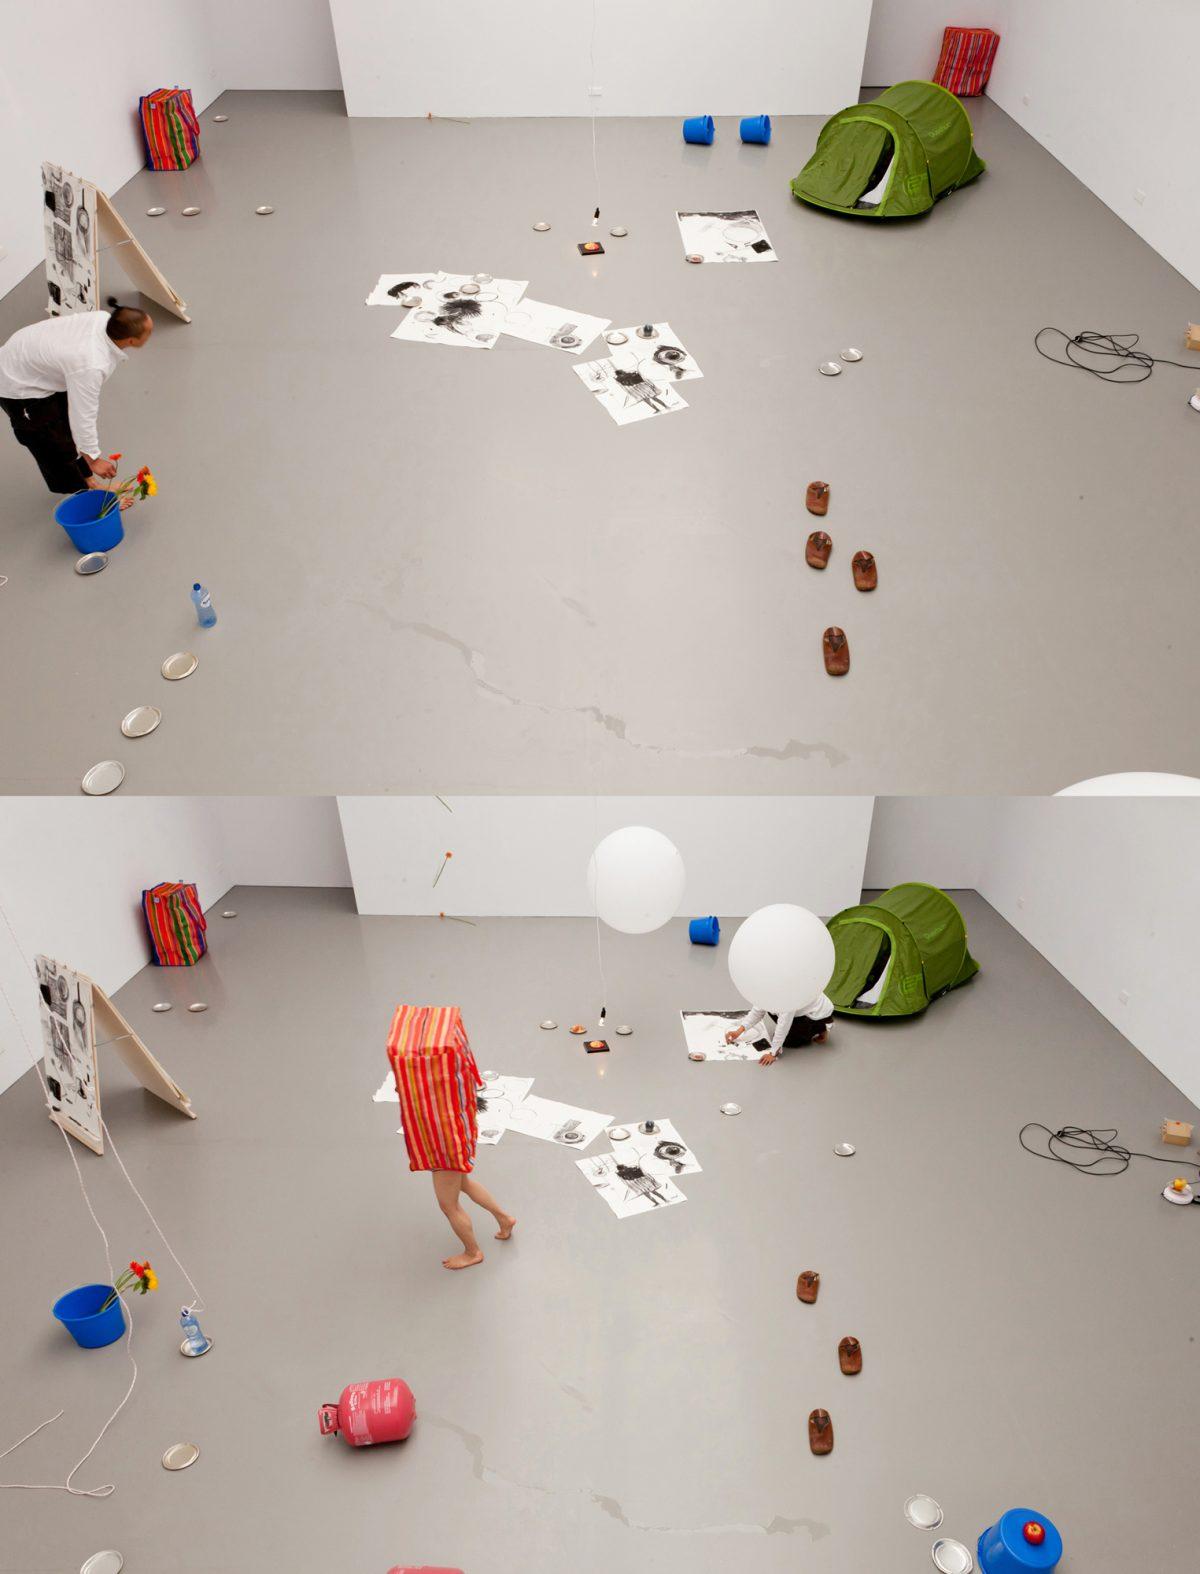 タイトル:On Alongsideness<br /> 素材:ライブインスタレーション(靴、花、風船、ヘリウムガス、袋、人間、木炭、紙、果物、彫刻、バケツ、水、皿、木、など)<br /> 制作年:2013<br /> 写真:Tamara Kuselman<br />